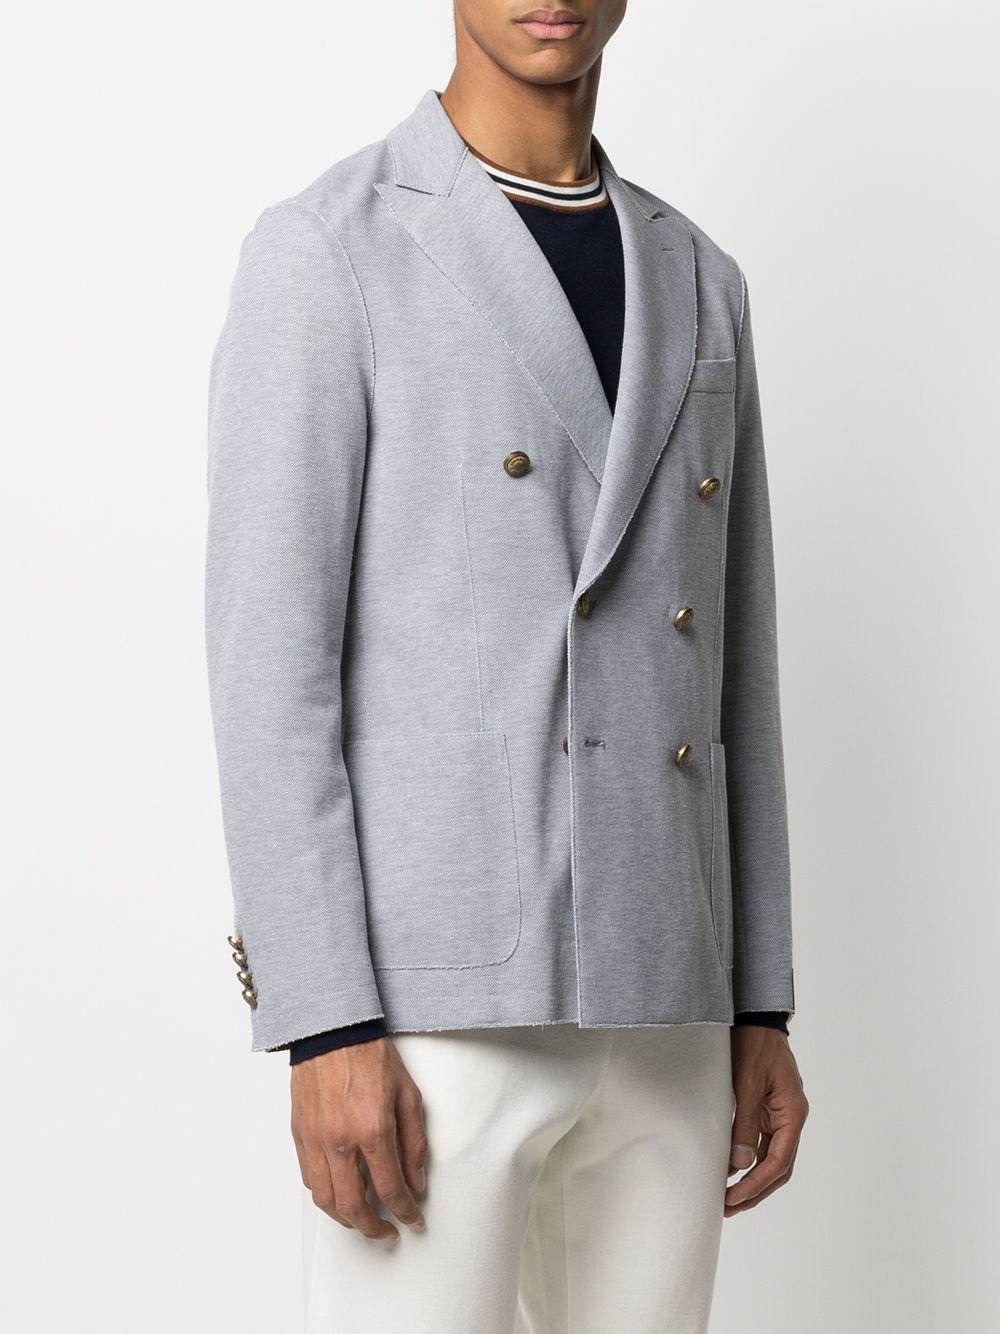 Balzer doppiopetto in cotone grigio con revers classici ELEVENTY | Giacche | C70GIAA02-JAC2302113